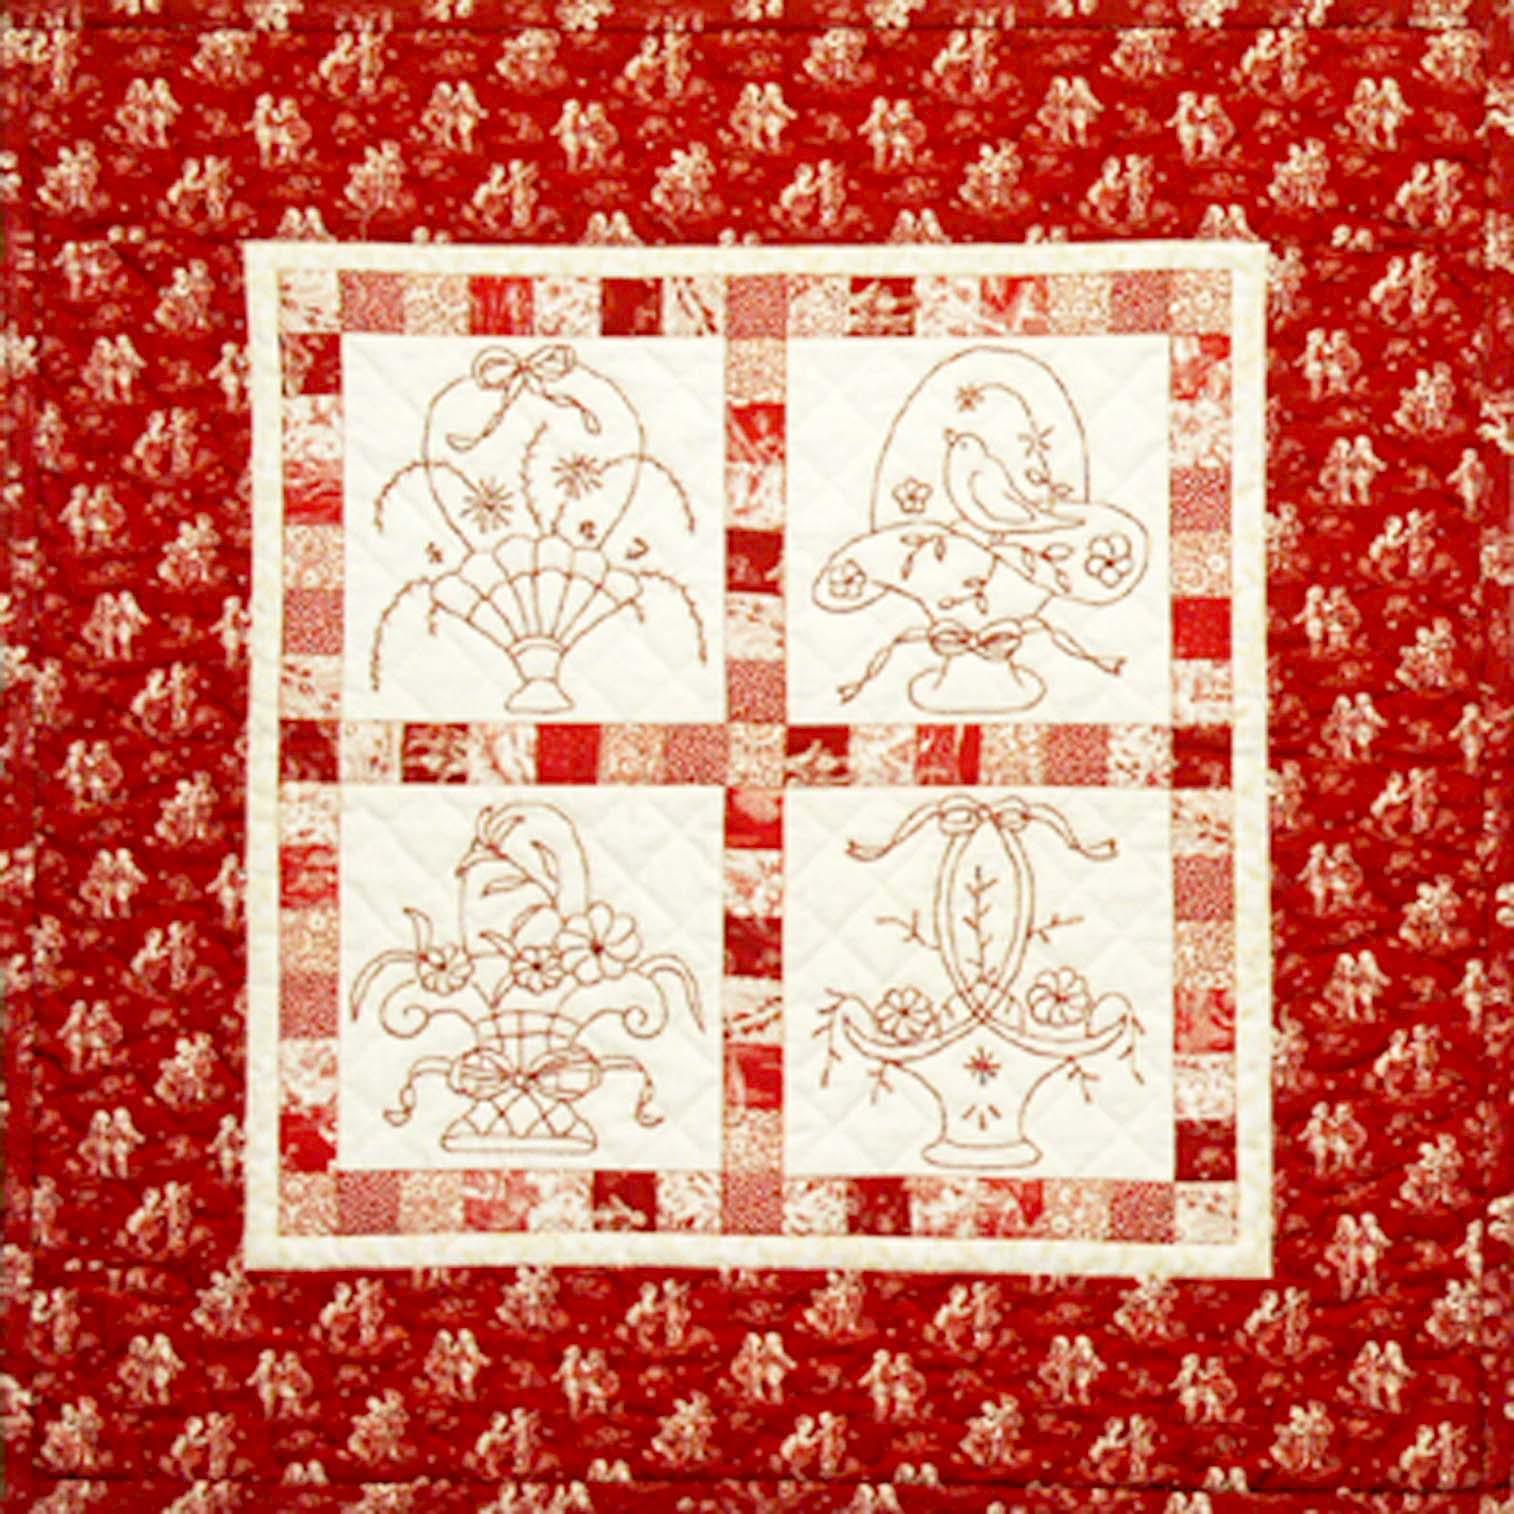 Redwork Quilting Patterns : Quilt Patterns by Jean Boyd: Half Price Redwork Patterns!